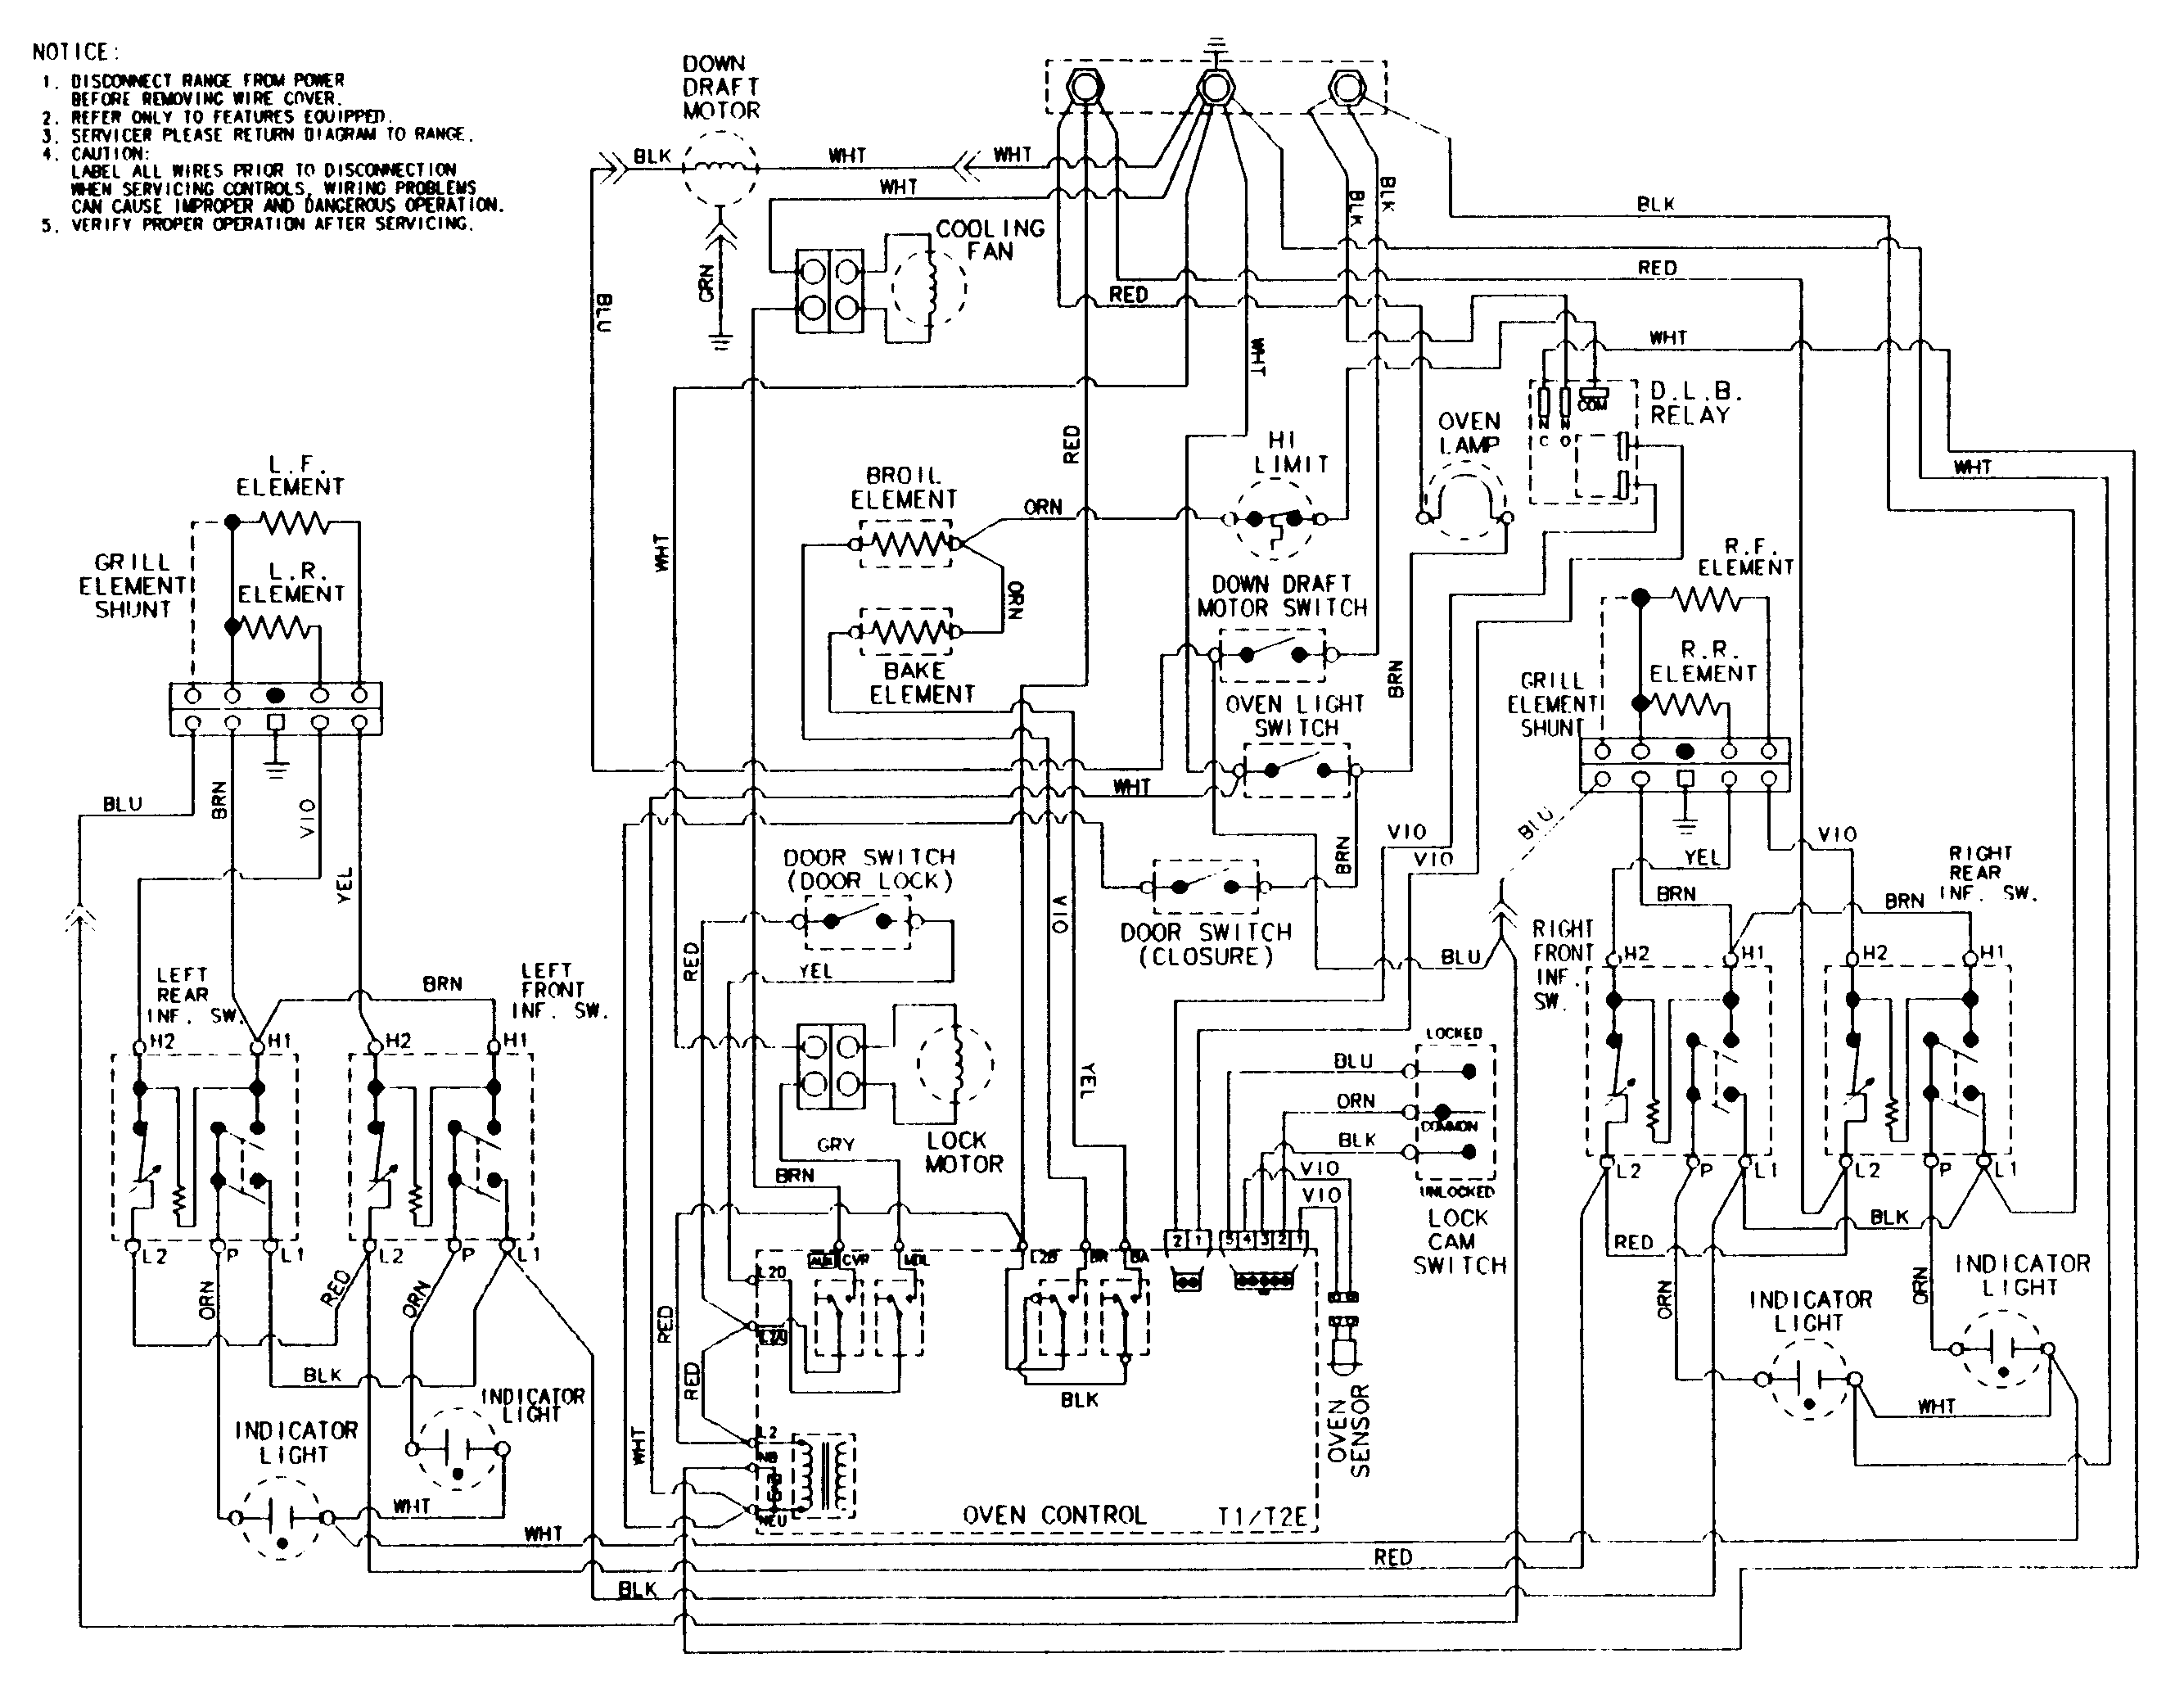 New House Wiring Diagram Com Diagram Diagramsample Diagramtemplate Wiringdiagram Diagramchart House Wiring Electrical Circuit Diagram Electrical Diagram